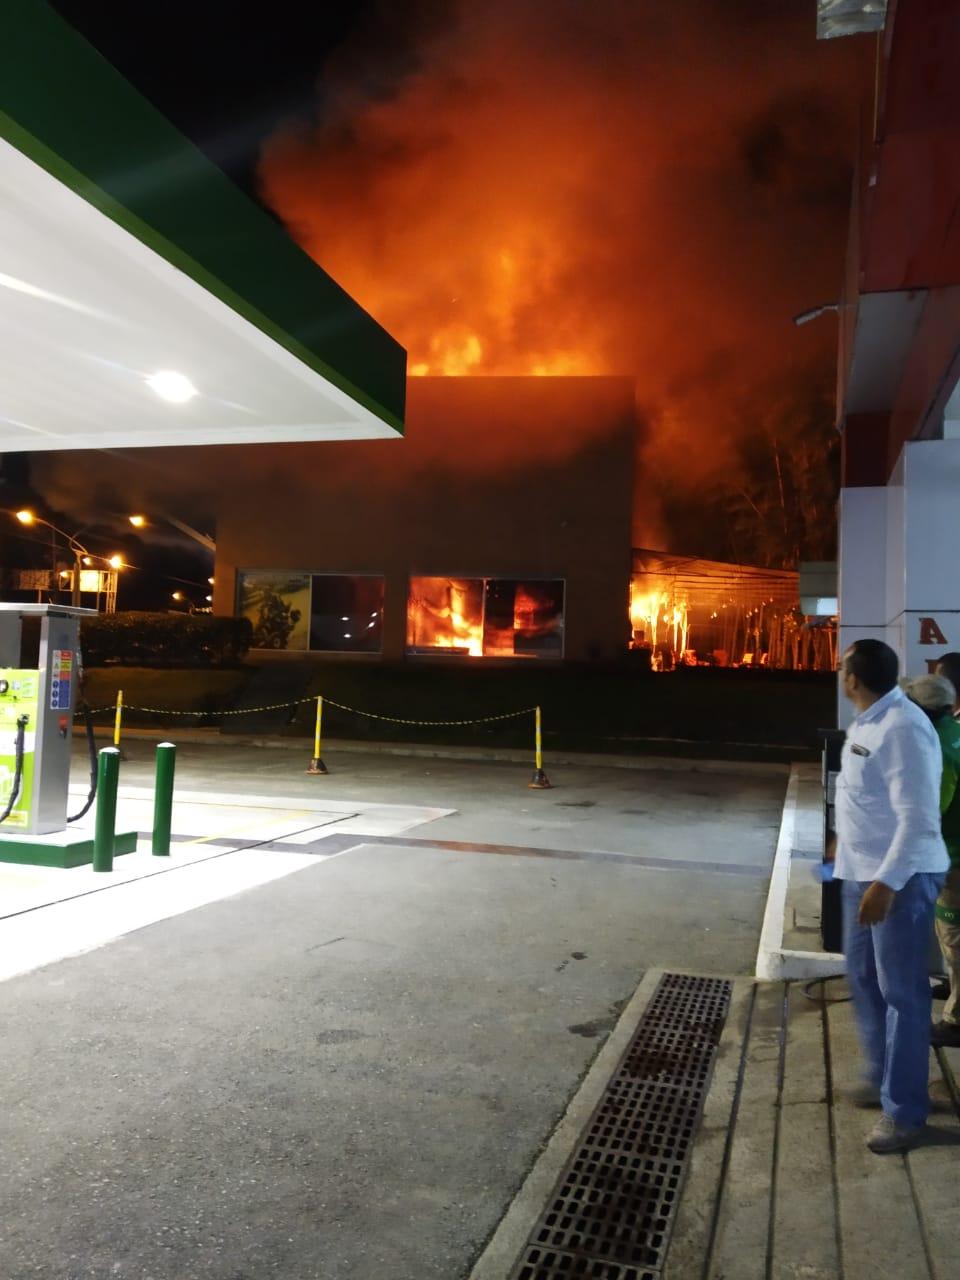 Incendio consume un local en Rionegro